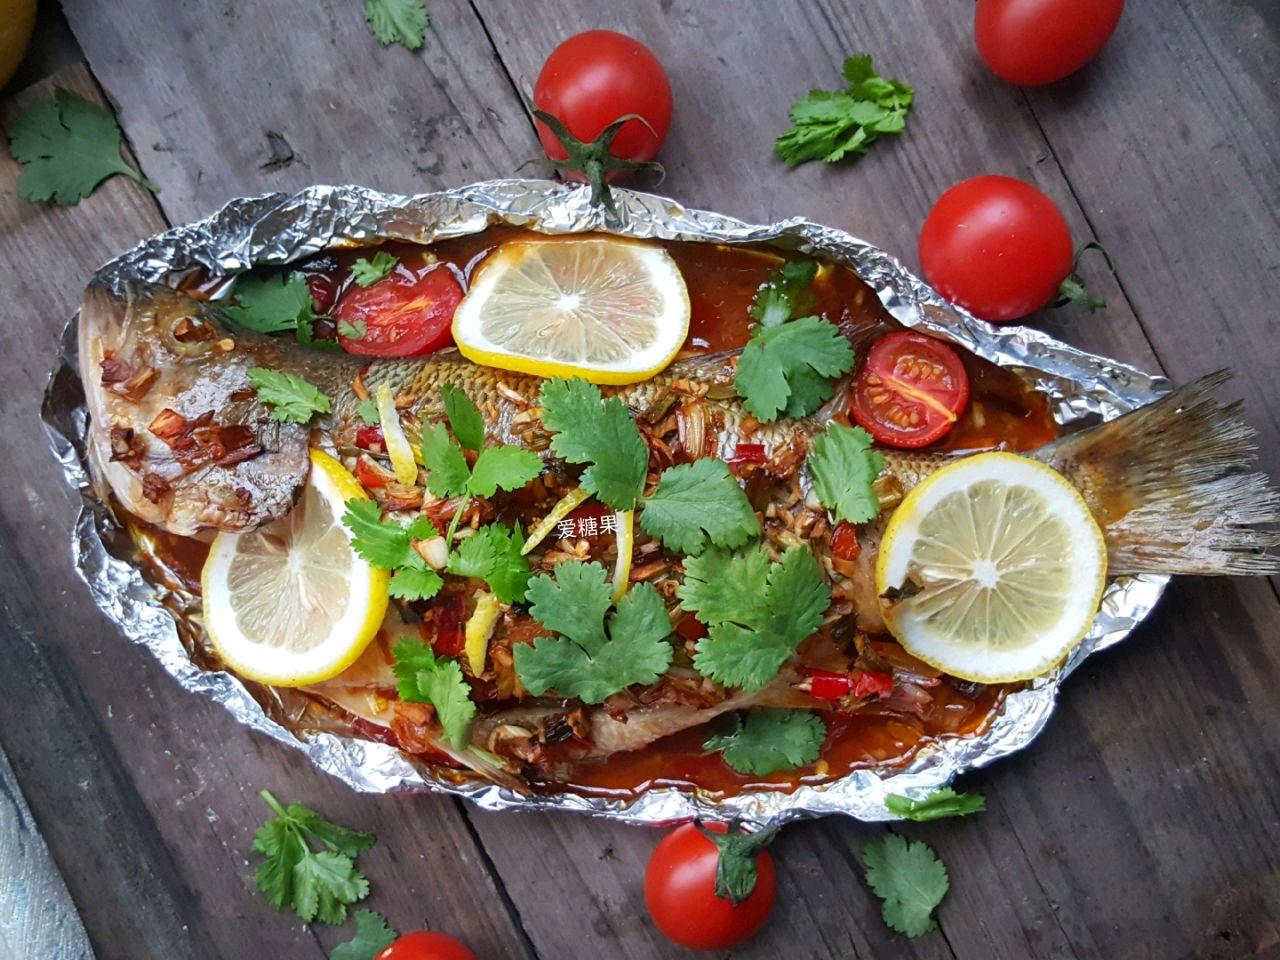 Cách làm món cá nướng kiểu Thái, ăn đến tận xương vẫn còn thèm - 1